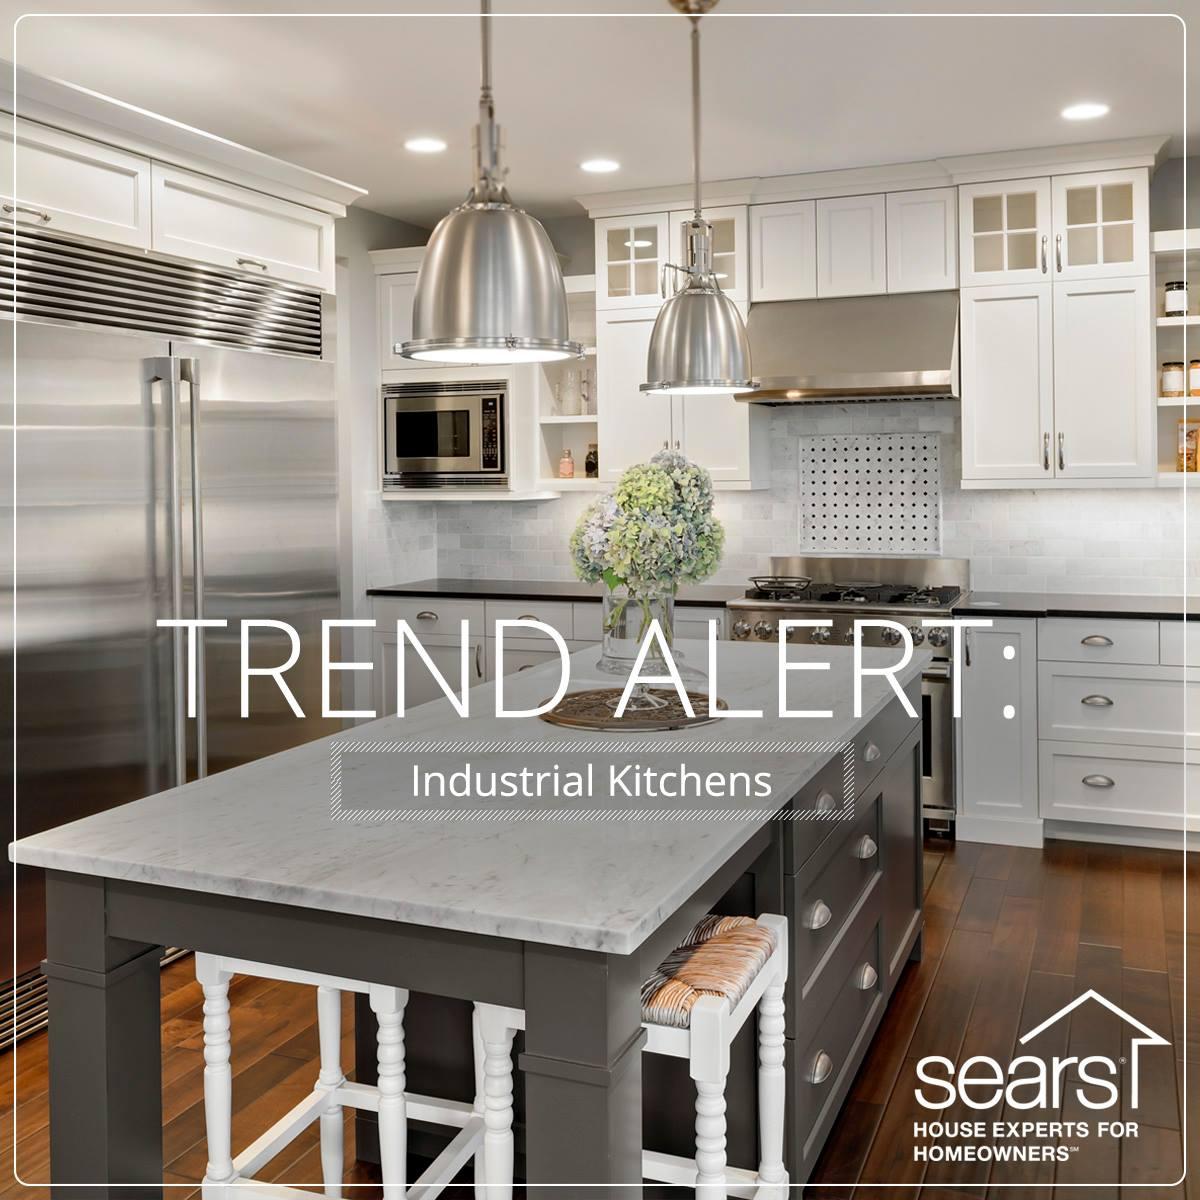 build dream kitchen budget sears kitchen remodel Trend Alert Industrial Kitchens